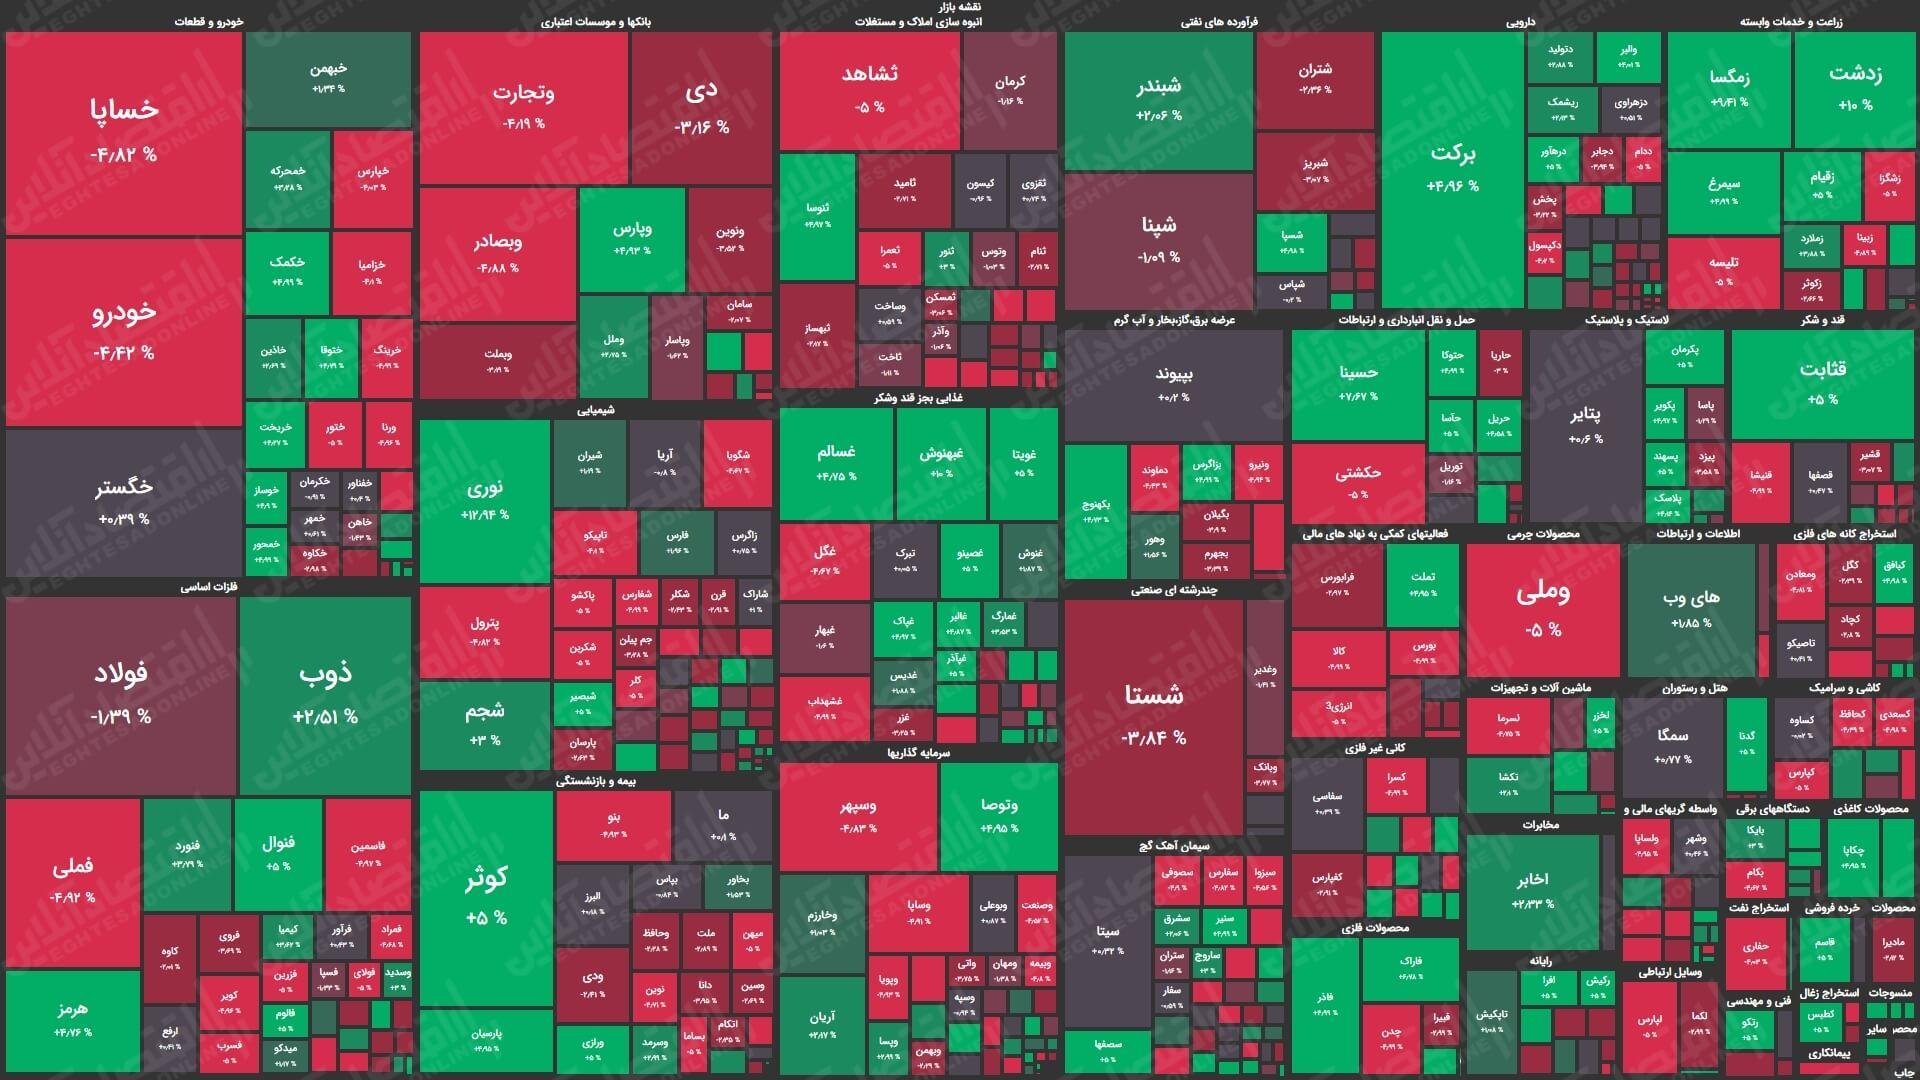 نقشه بازار سهام